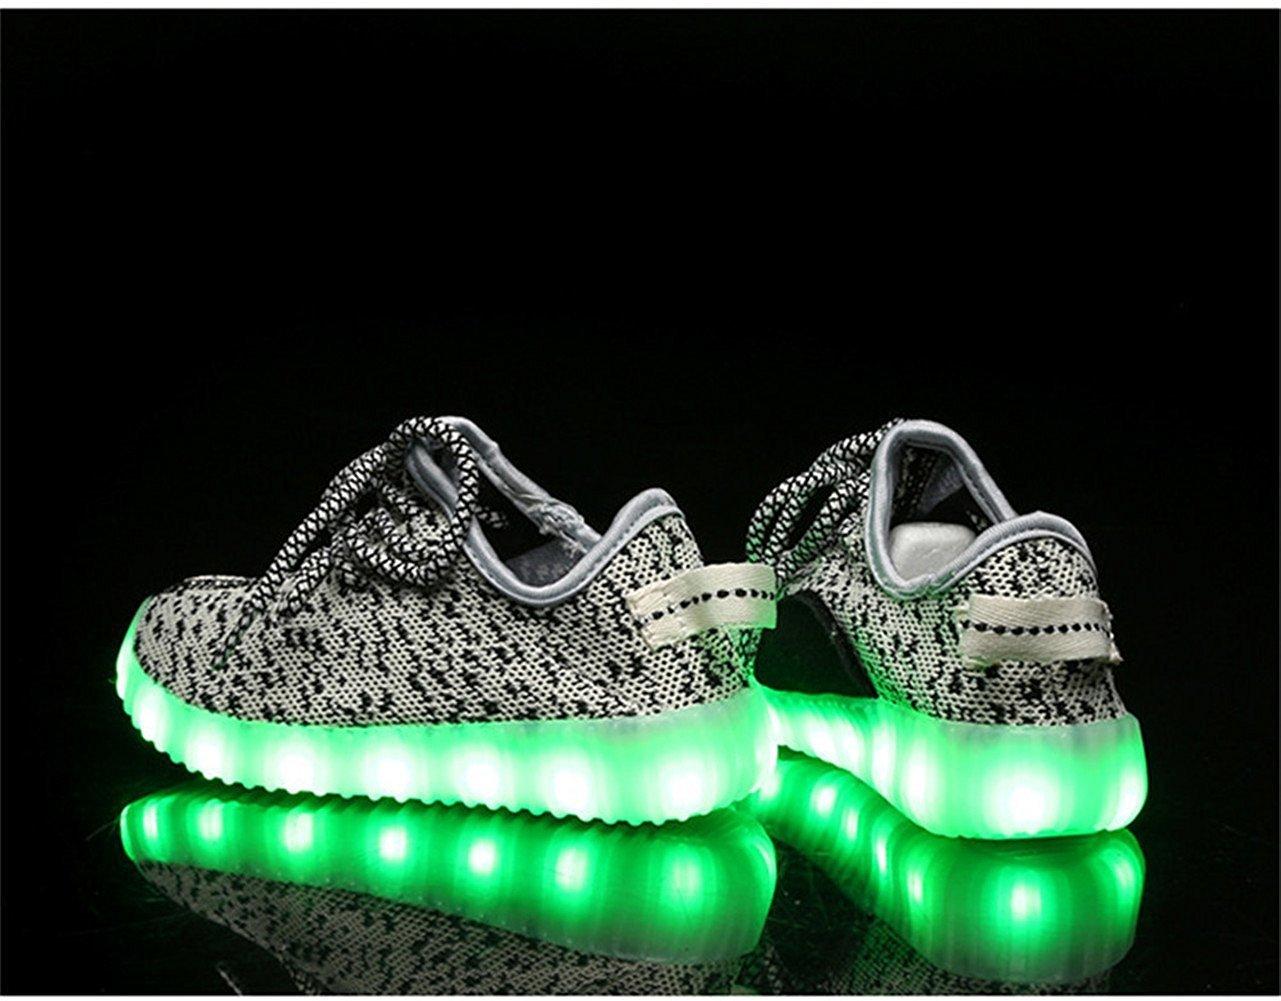 df90ff0ebd8 Zapatos ligeros Zapatos ligeros del LED Zapatos recargables del tablero del  usb Zapatos luminosos fluorescentes Gris